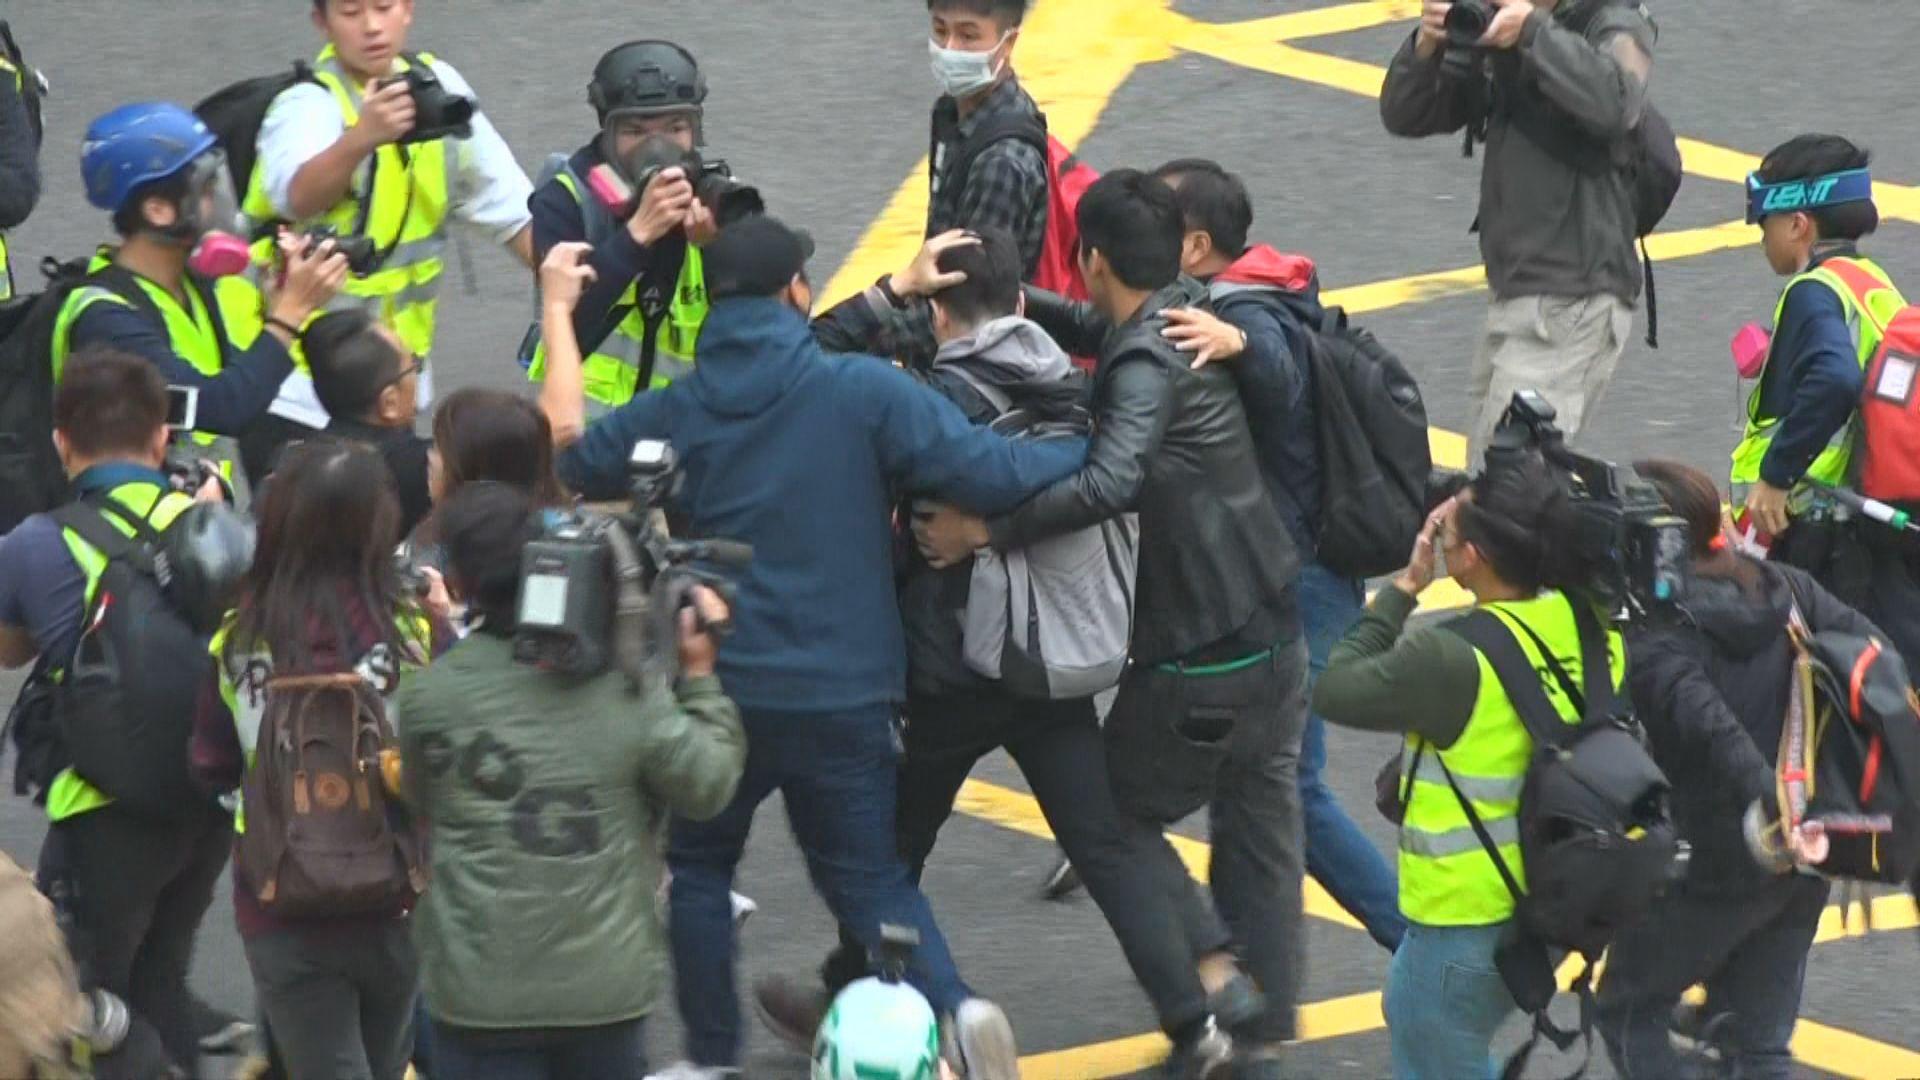 中環被圍毆四警員頭部和手指受傷 兩人仍留院